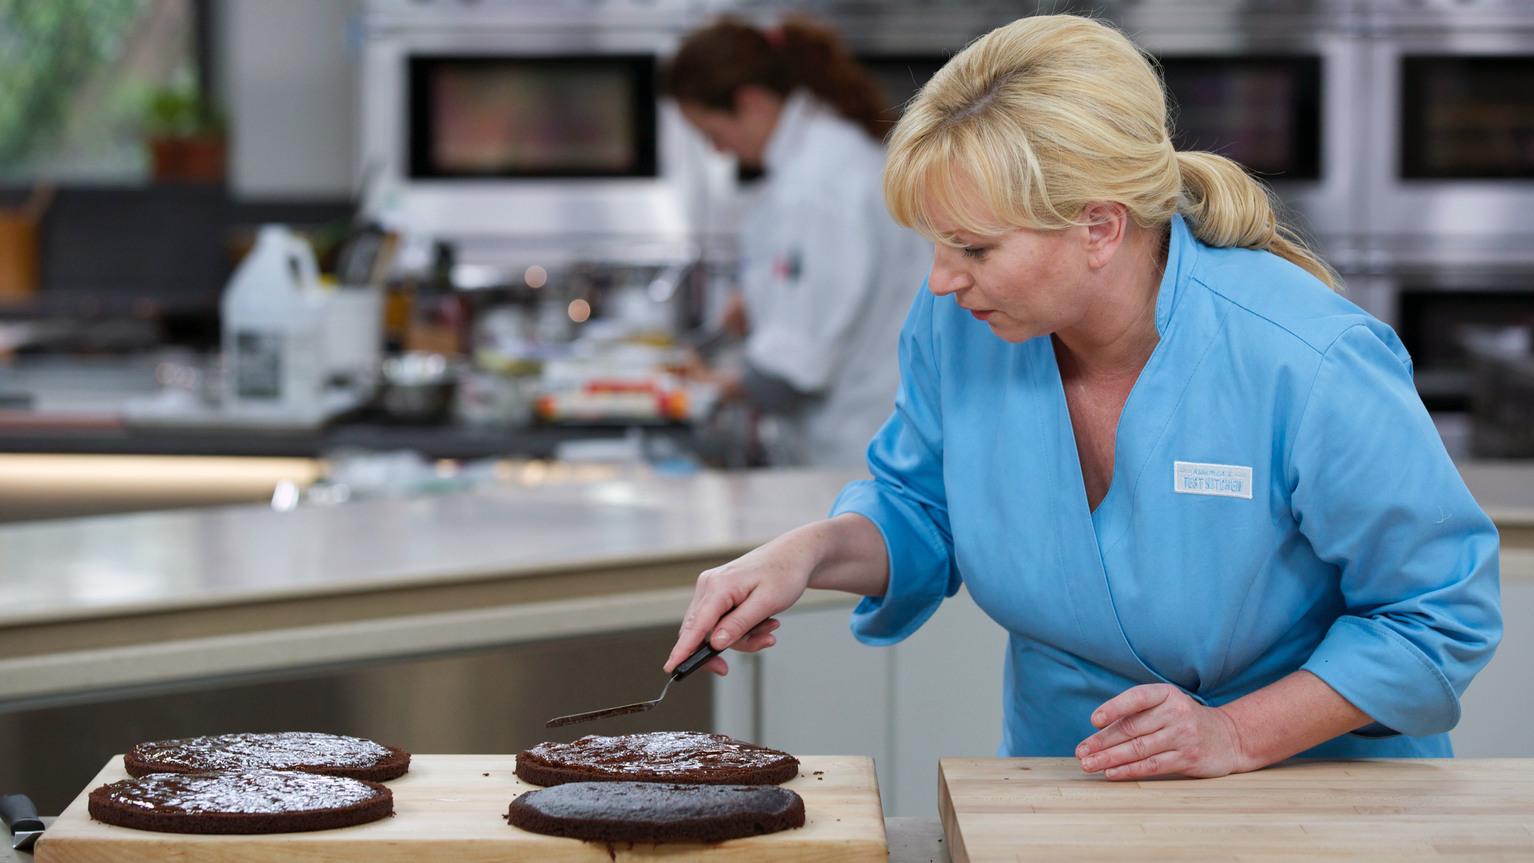 Braised Halibut Americas Test Kitchen